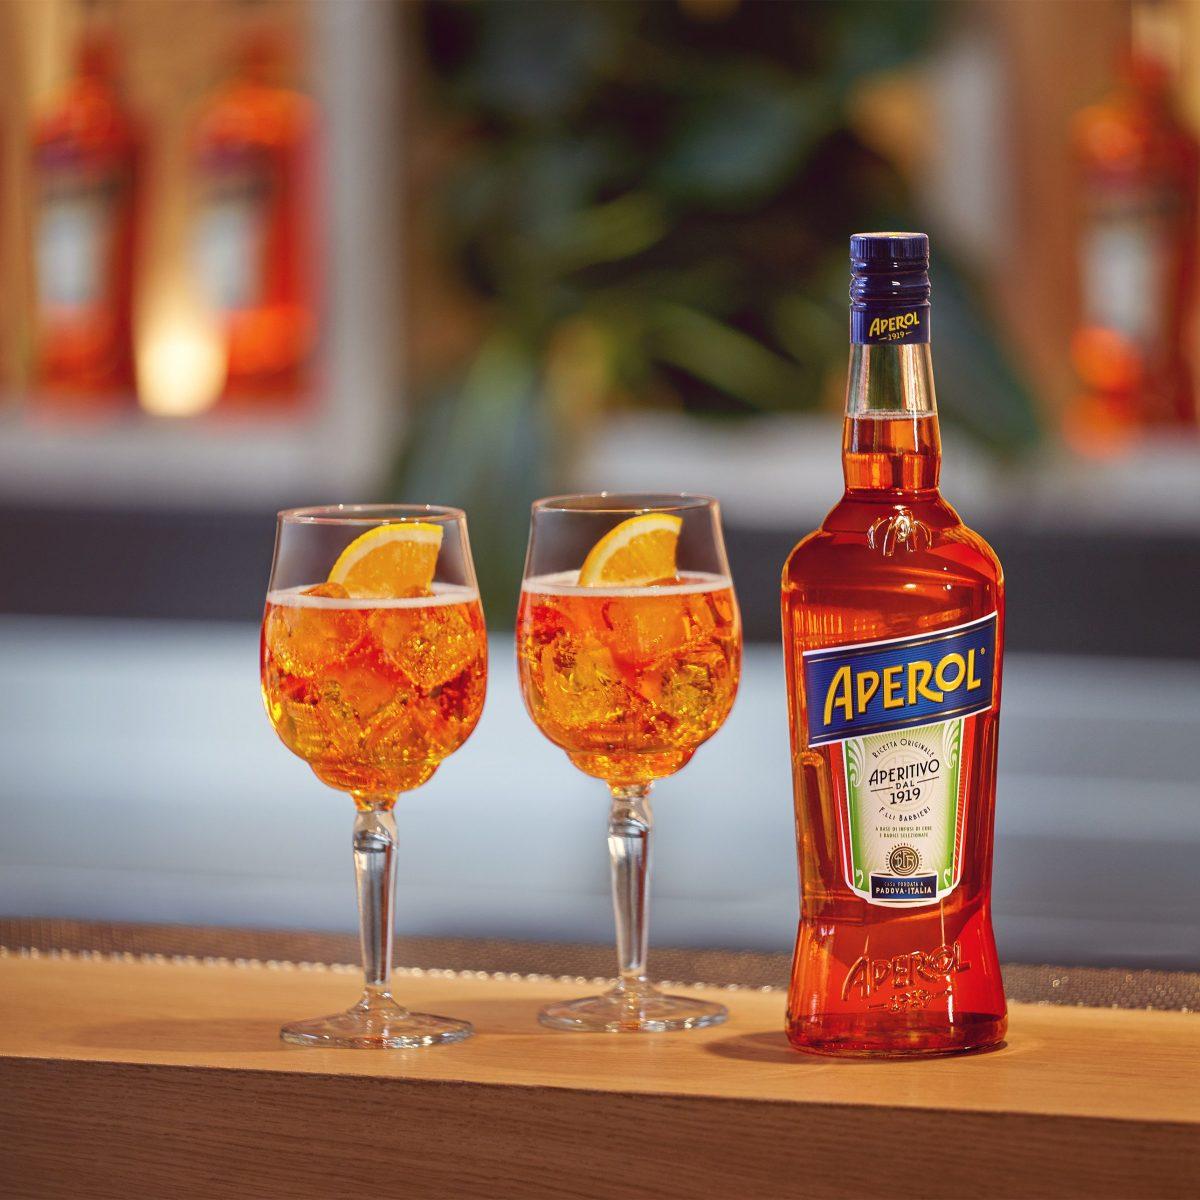 Spritz Aperol Veneto Ricetta.Spritz La Ricetta Del Famoso Aperitivo Arancione Con Dosi E Ingredienti